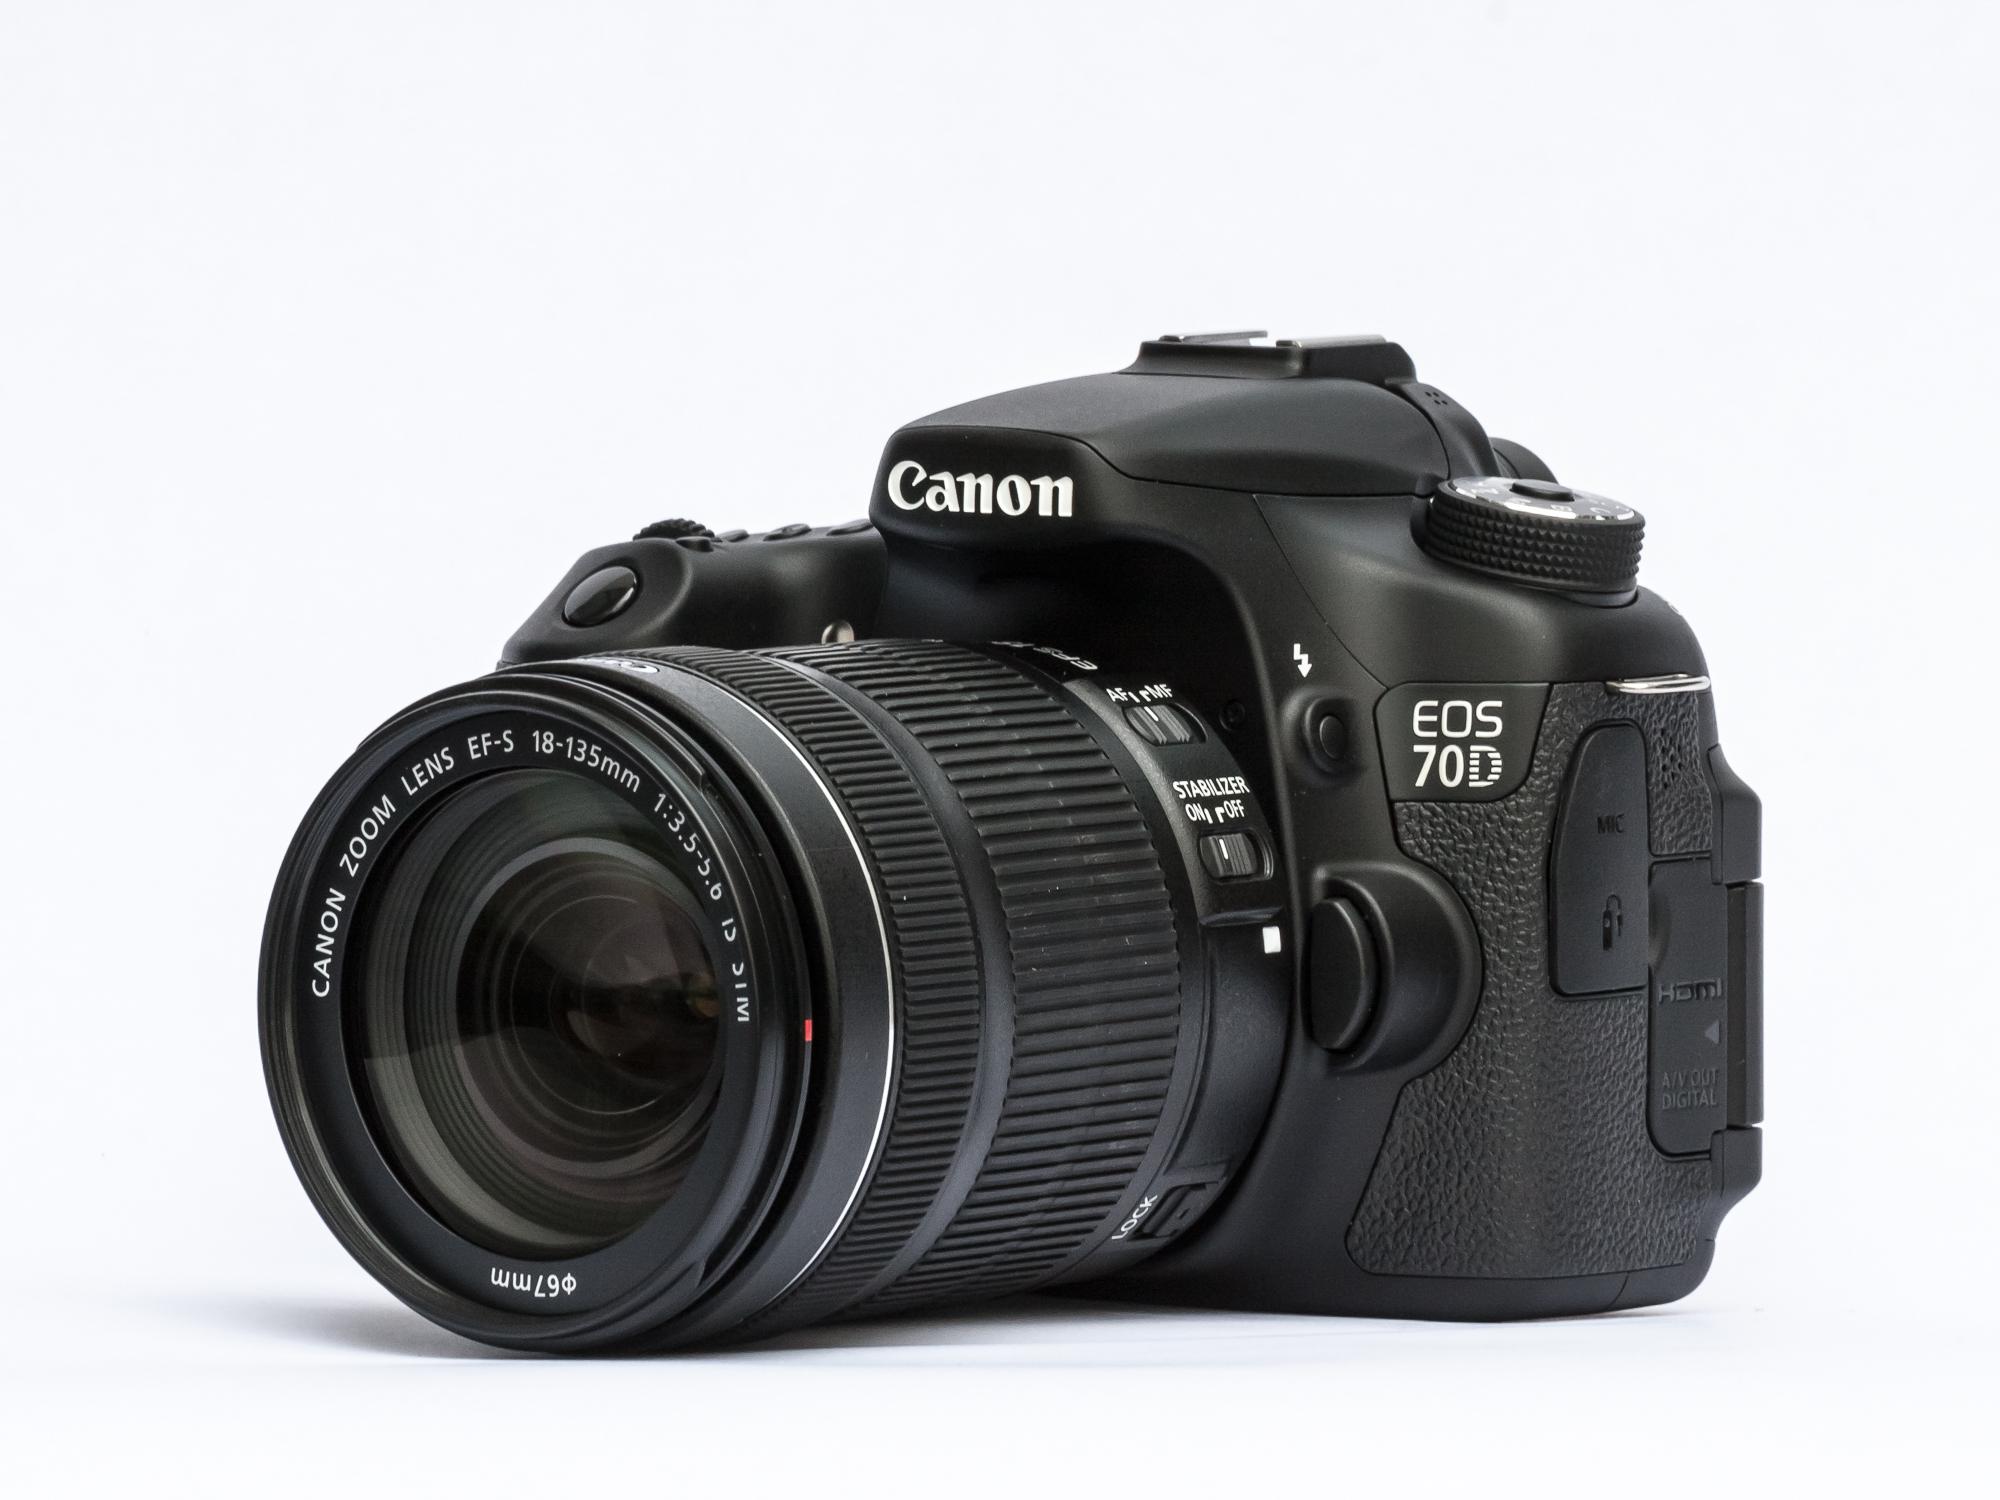 Kamera Vlog untuk Youtuber kamera vlog murah - Canon EOS 70D - 7 Kamera Vlog Murah Terbaik untuk Youtuber Pemula